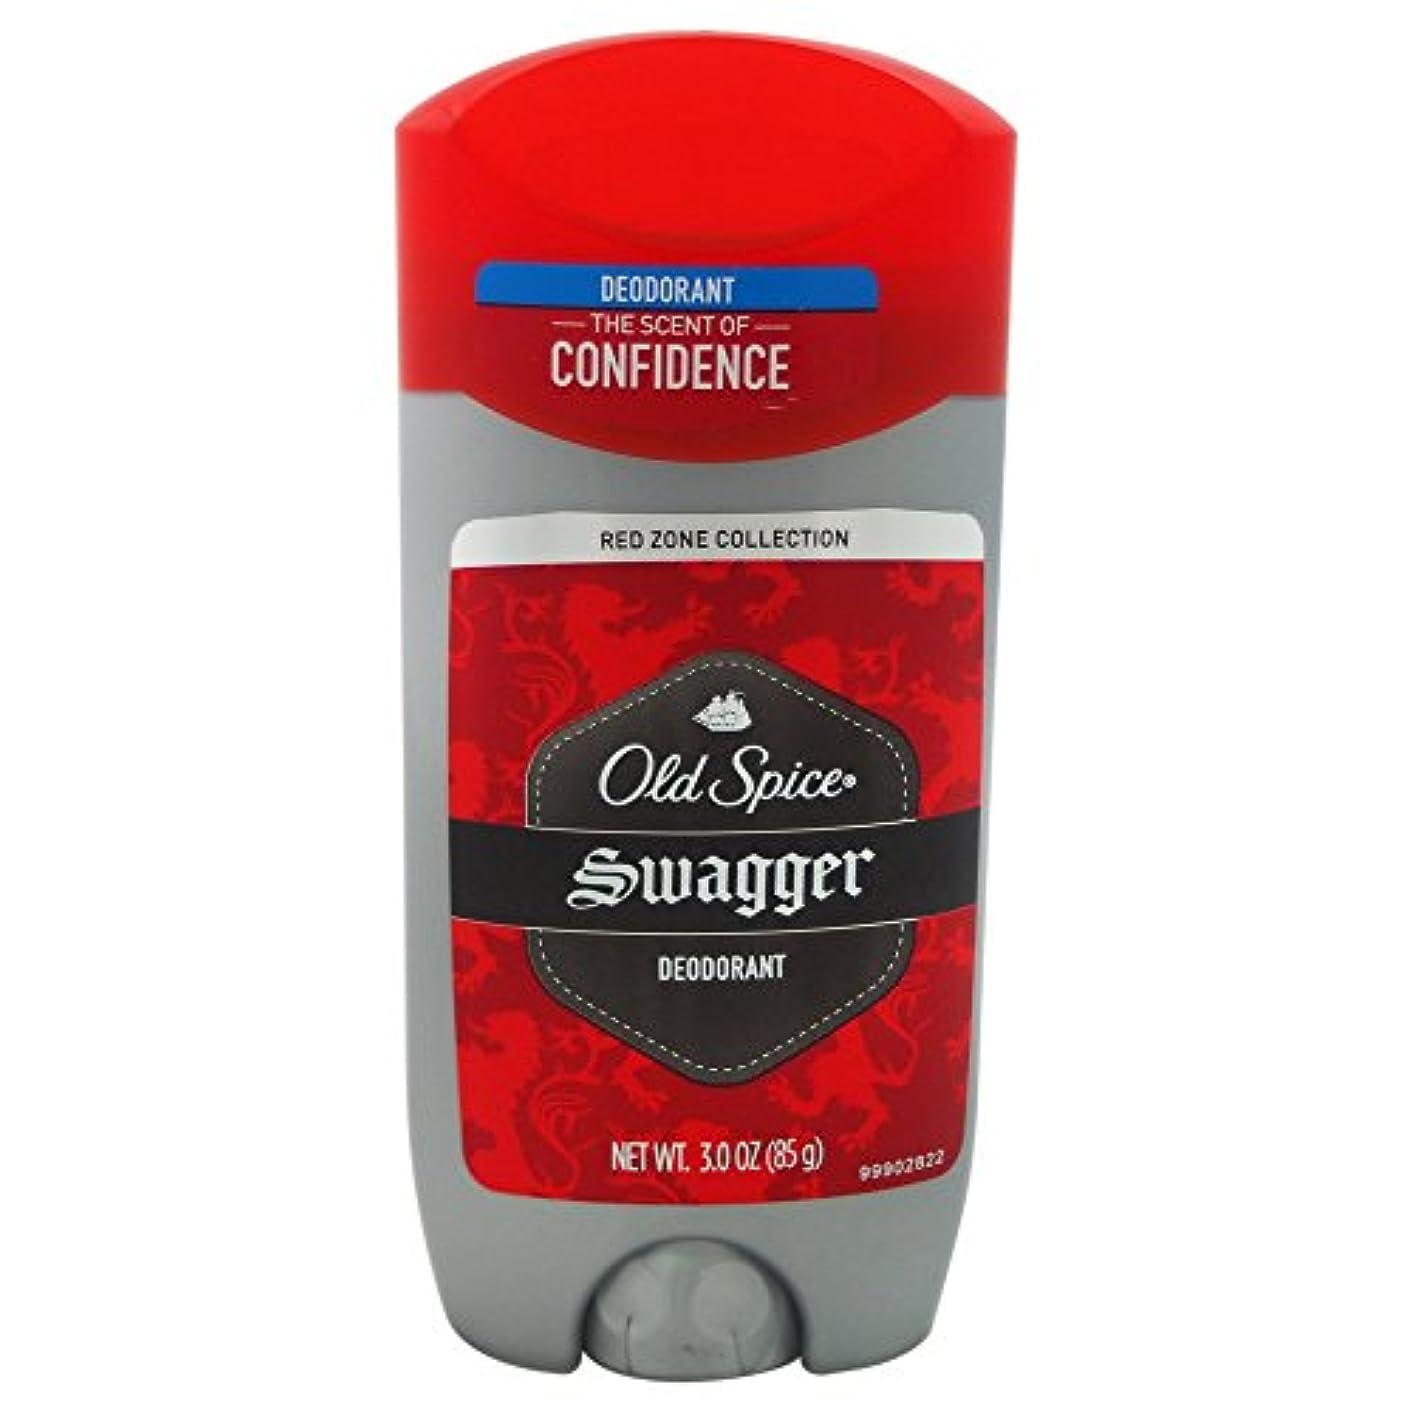 バスタブメロン令状オールドスパイス(Old Spice) RED ZONE COLLECTION スワッガー デオドラント 85g[並行輸入品]